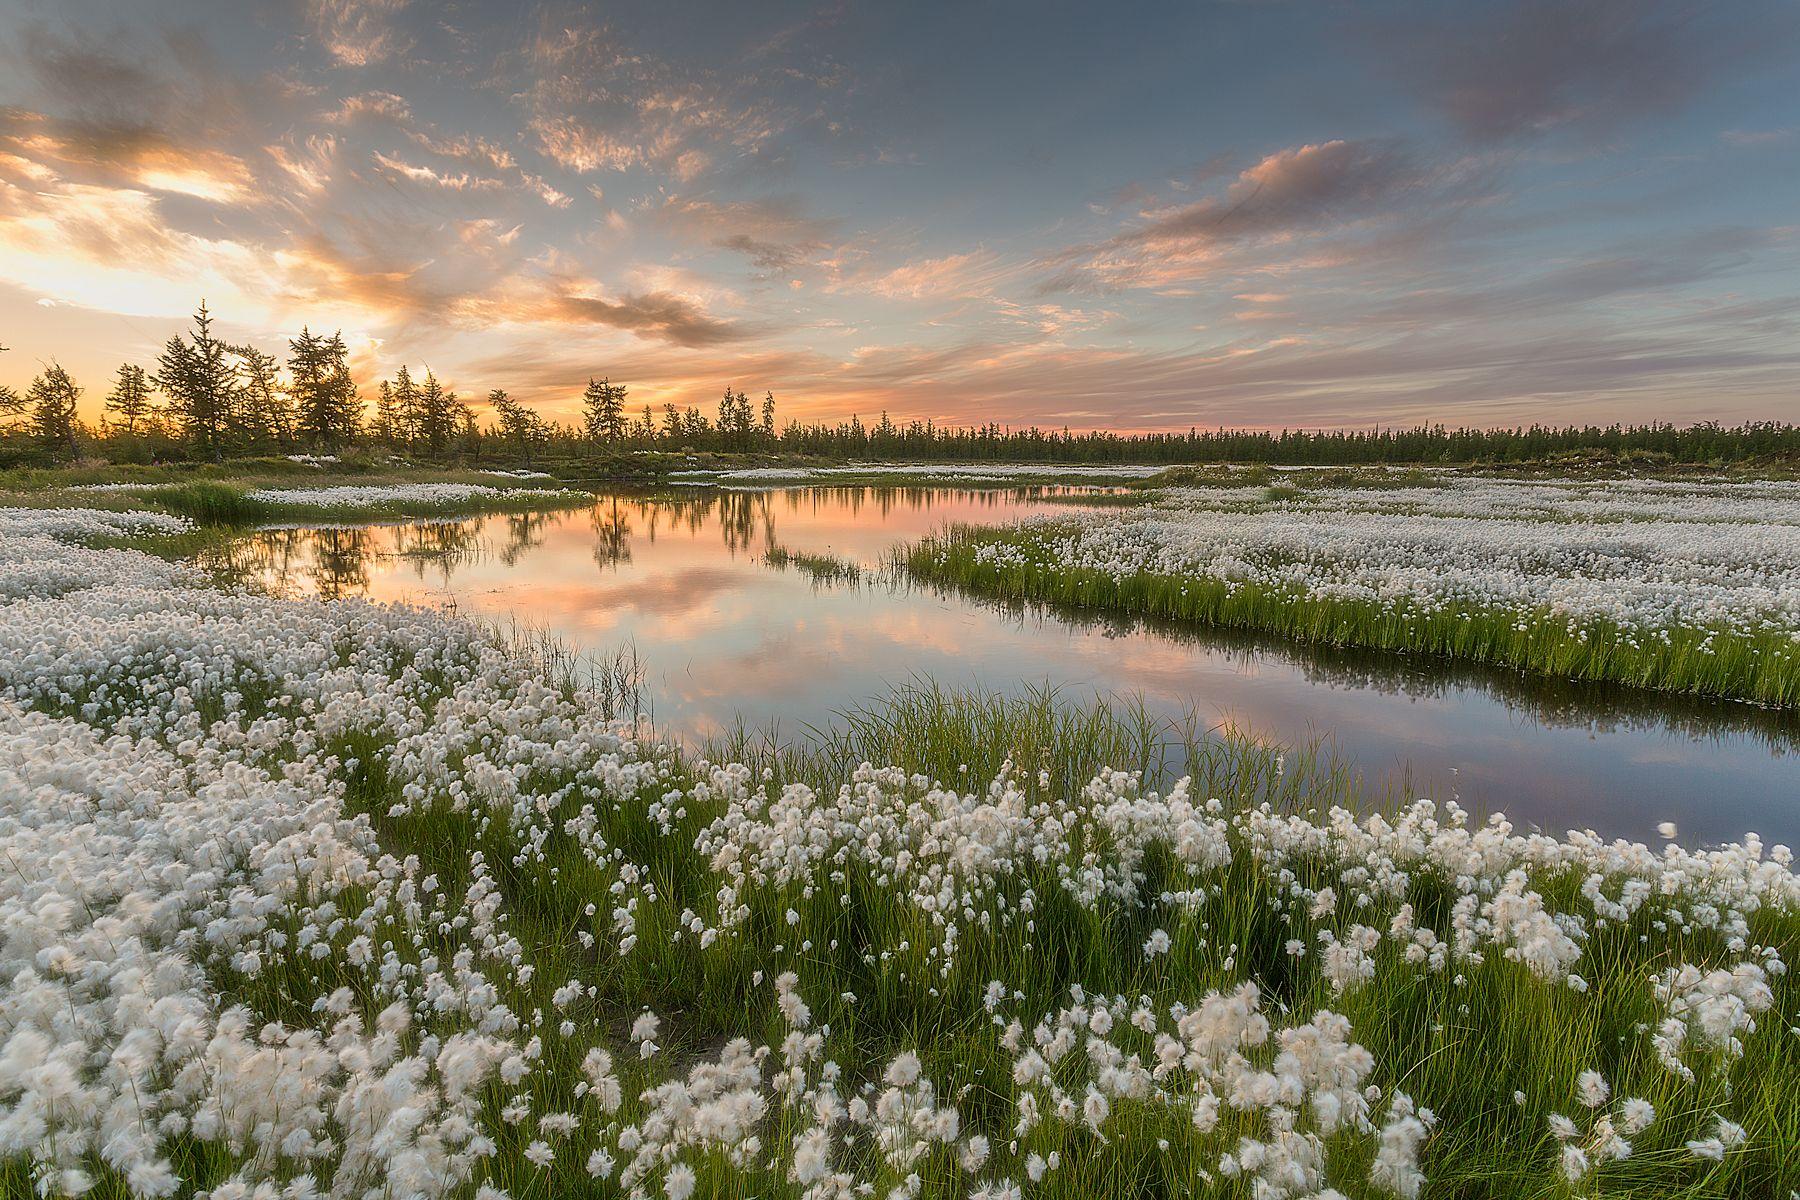 цилиндр наполняется картинки весна красивые пейзажи утро стучит тебе